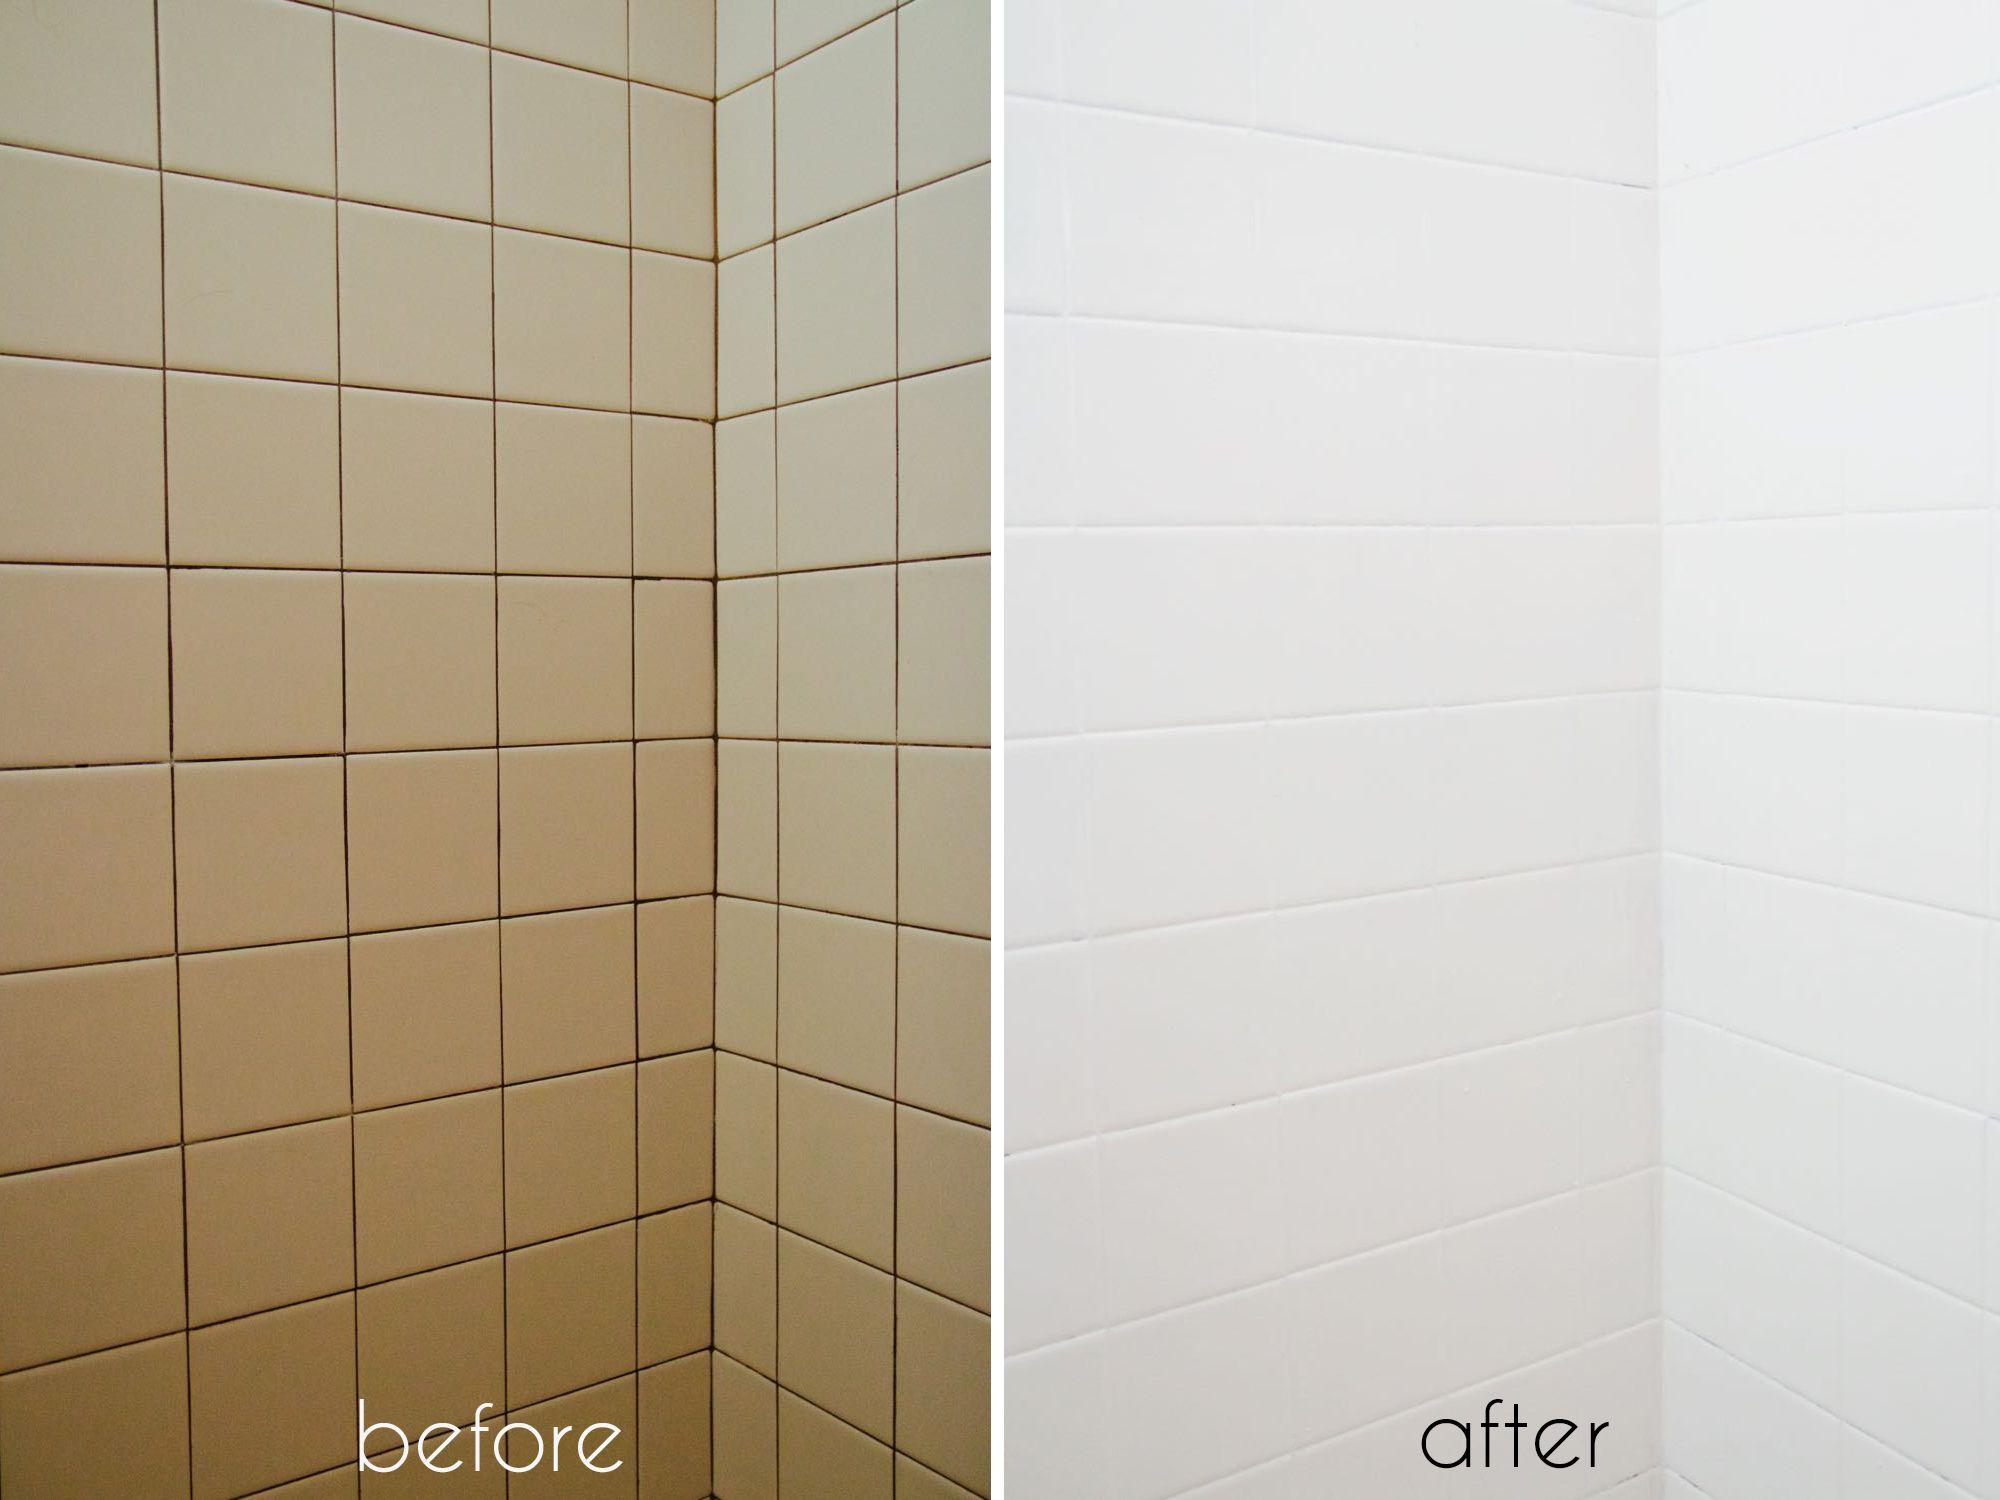 Limpiar azulejos bao y cocina inspirador limpiar azulejos - Productos para limpiar azulejos ...